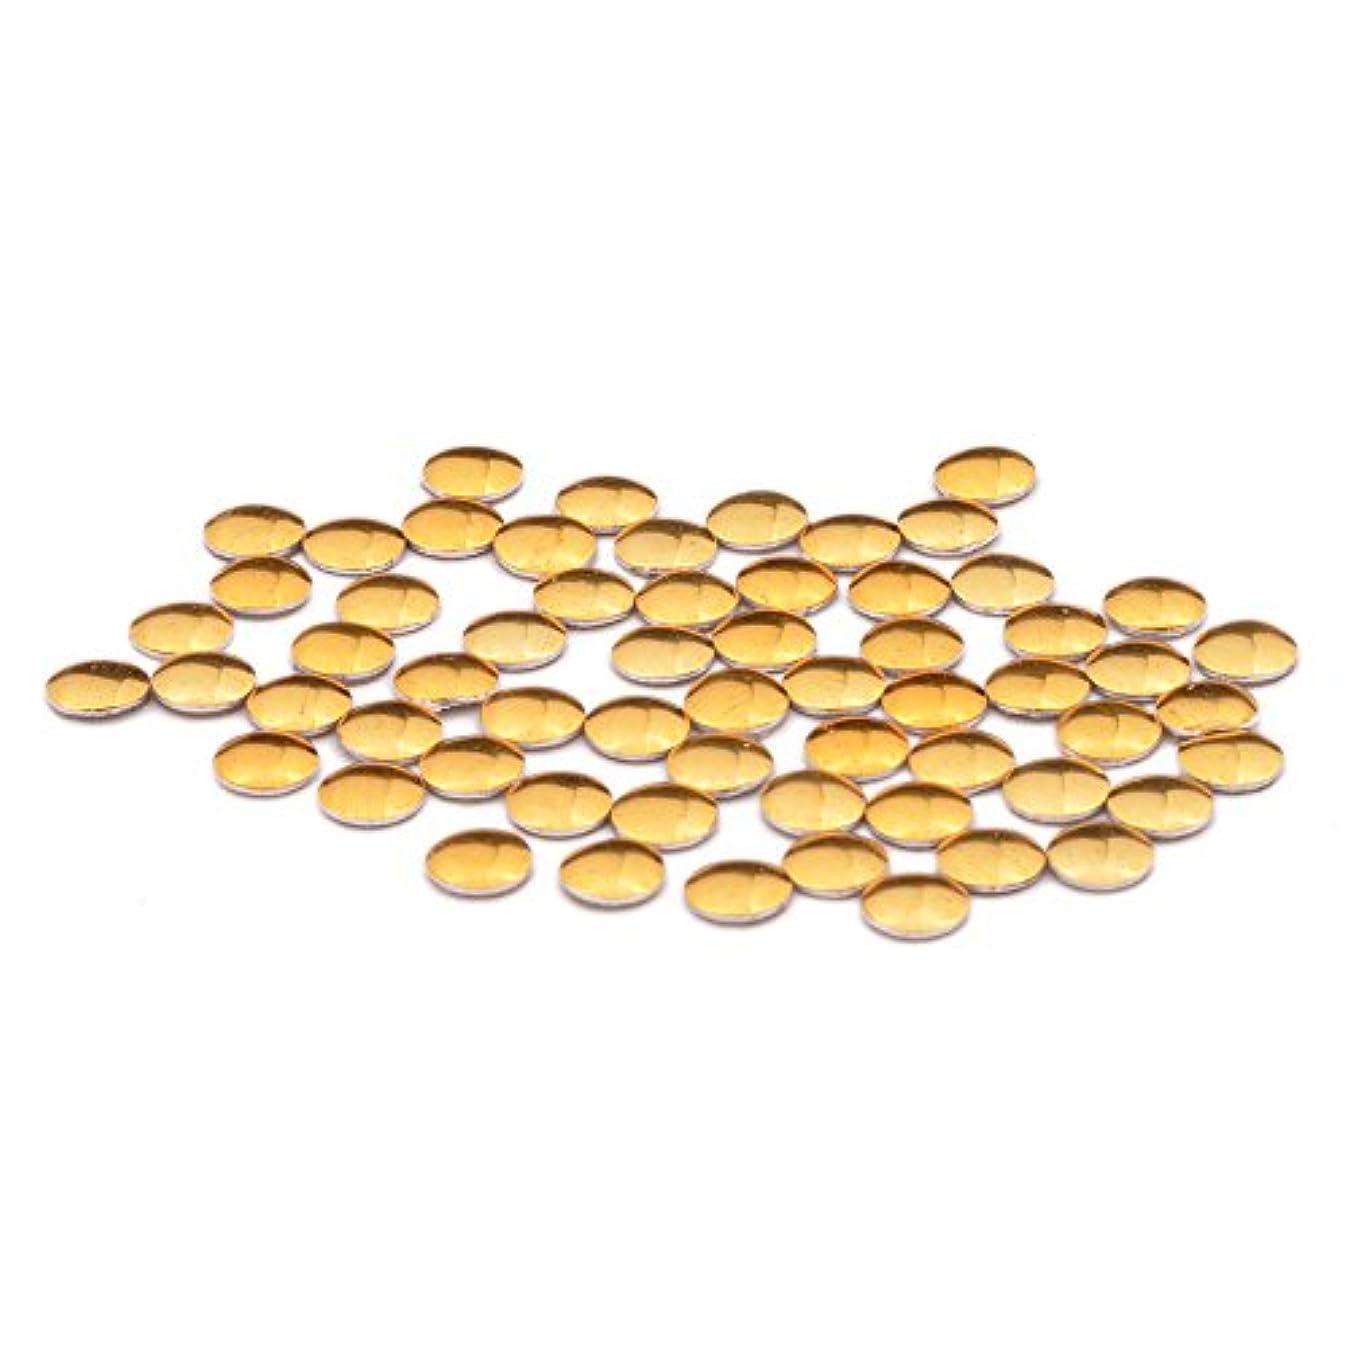 欠如今後実現可能ラウンド メタルスタッズ 丸型(0.8mm/1mm/1.2mm/1.5mm/2mm/2.5mm/3mm)約50粒入り (0.8mm, ゴールド)